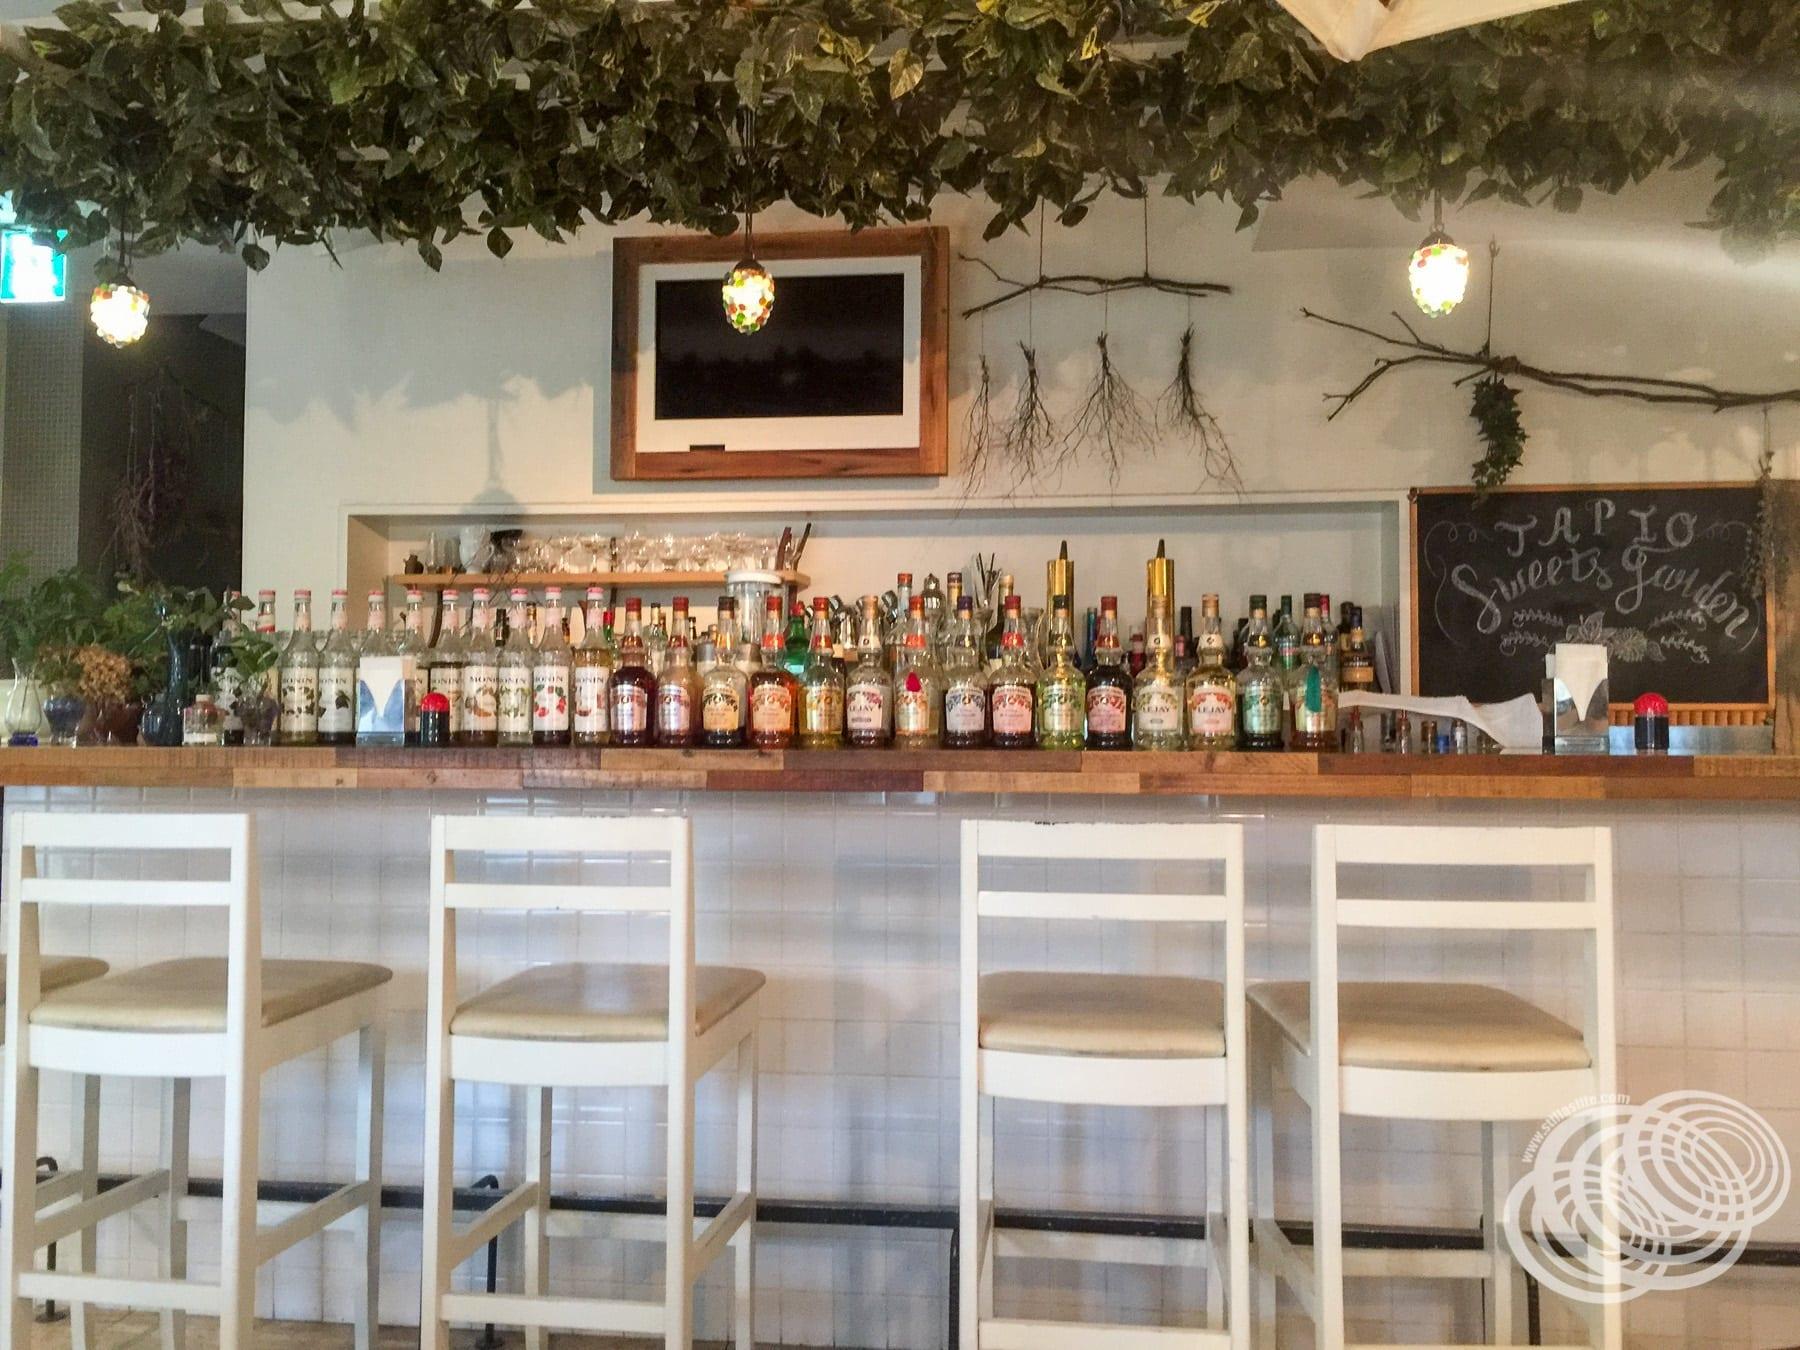 Tapio Sweets Garden Bar